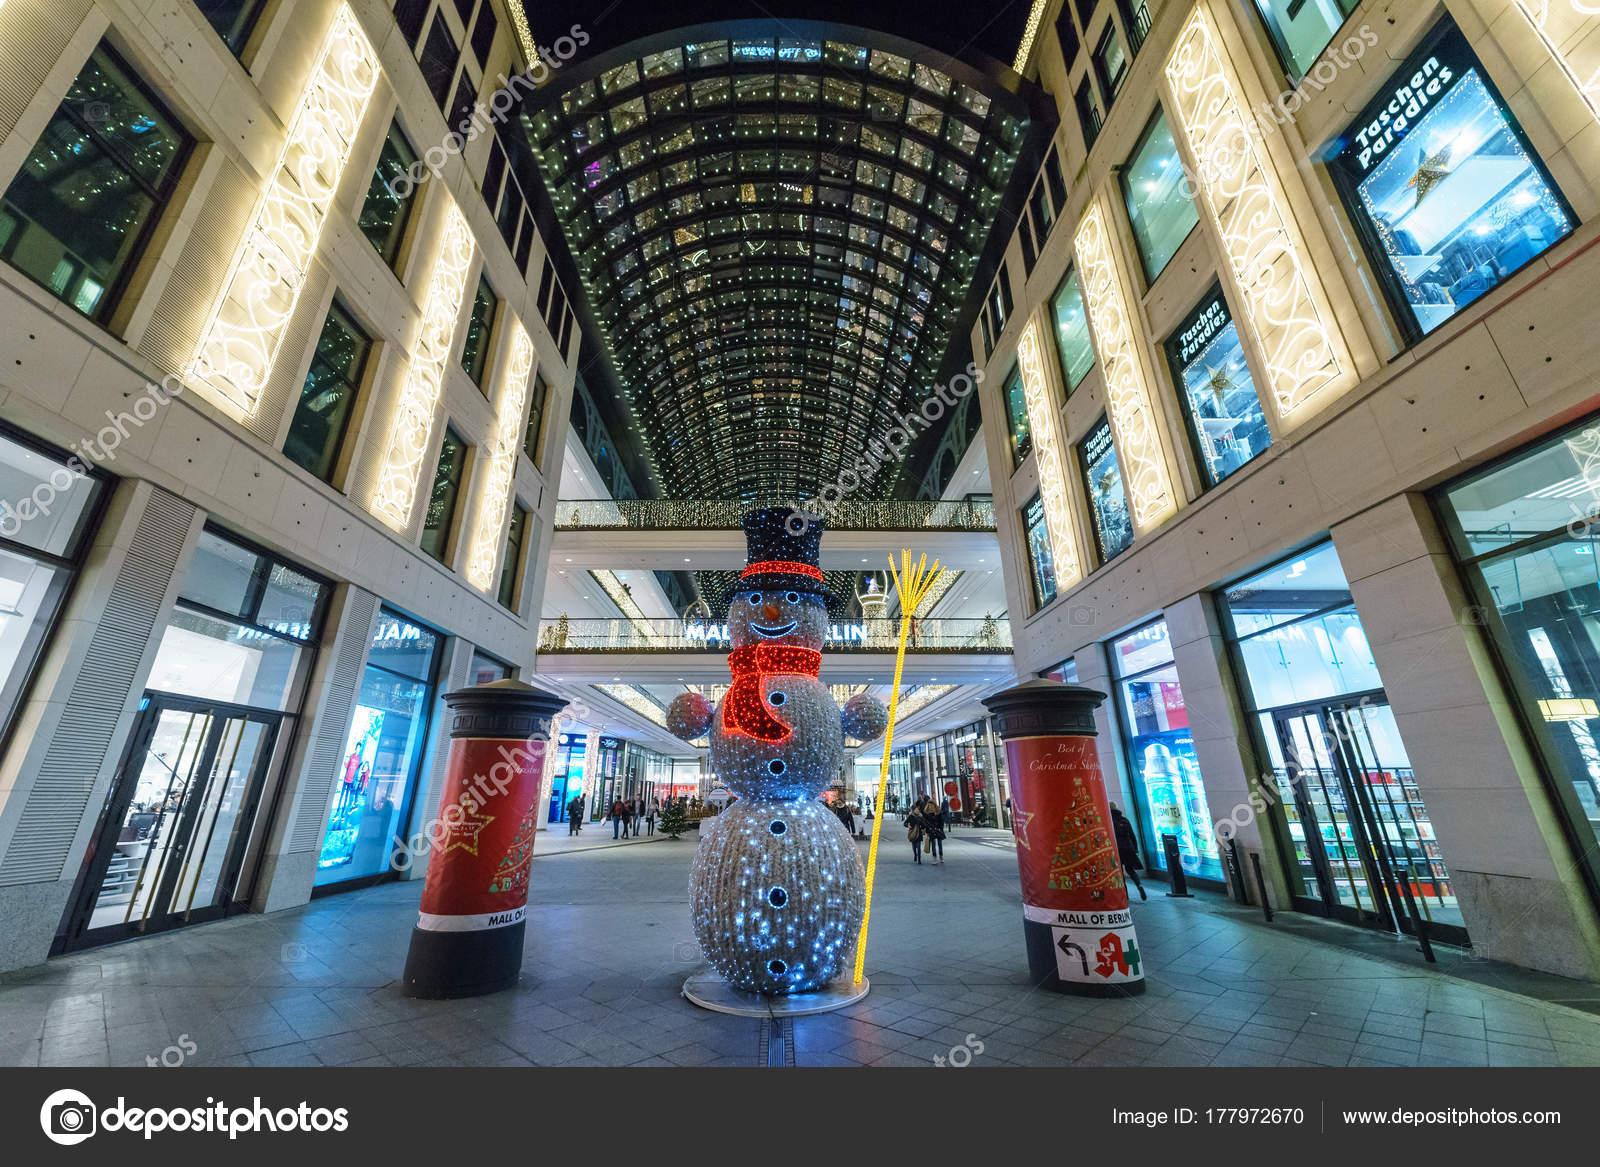 Weihnachtsbeleuchtung Berlin.Berlin Dezember 2017 Das Einkaufszentrum Mall Berlin Leipziger Platz